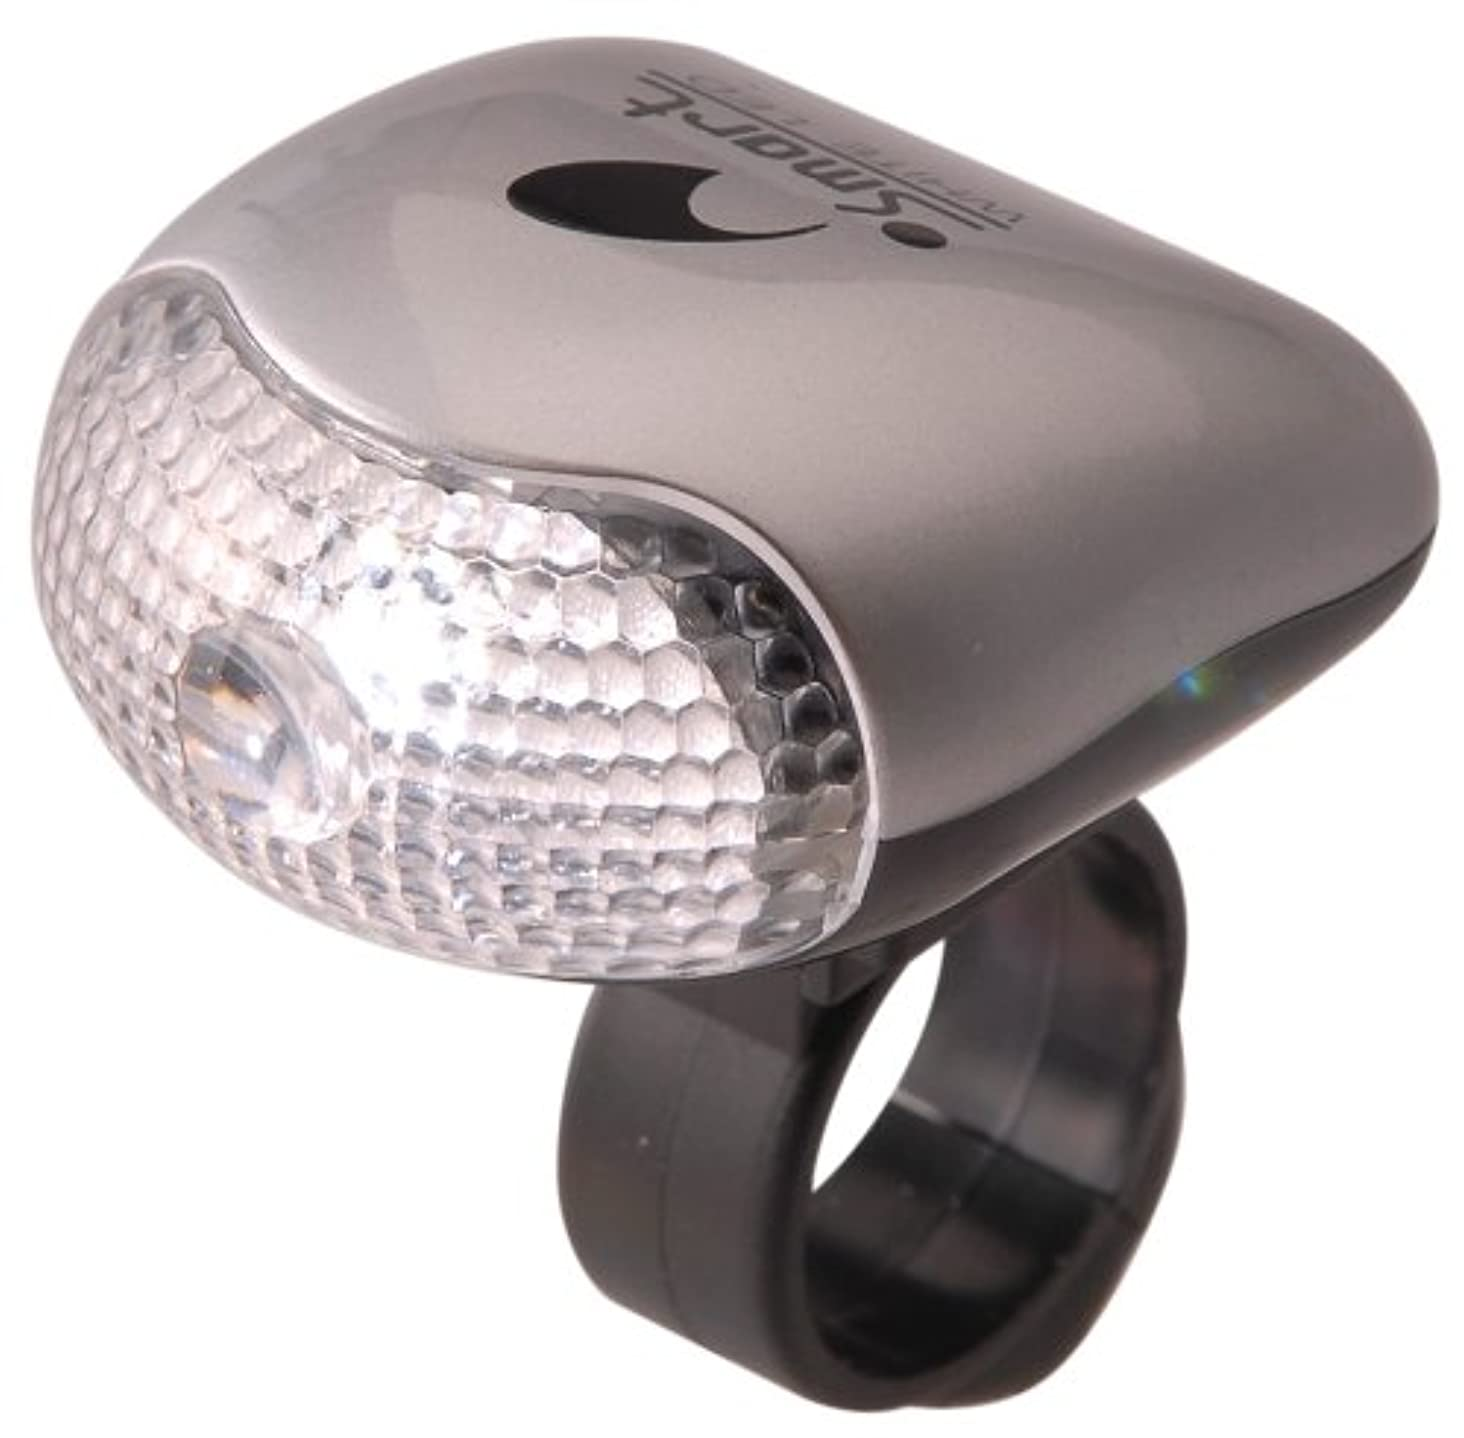 合成例邪魔するスマート BL-301S セーフティーLEDライト 1灯 シルバーボディ BL-301S